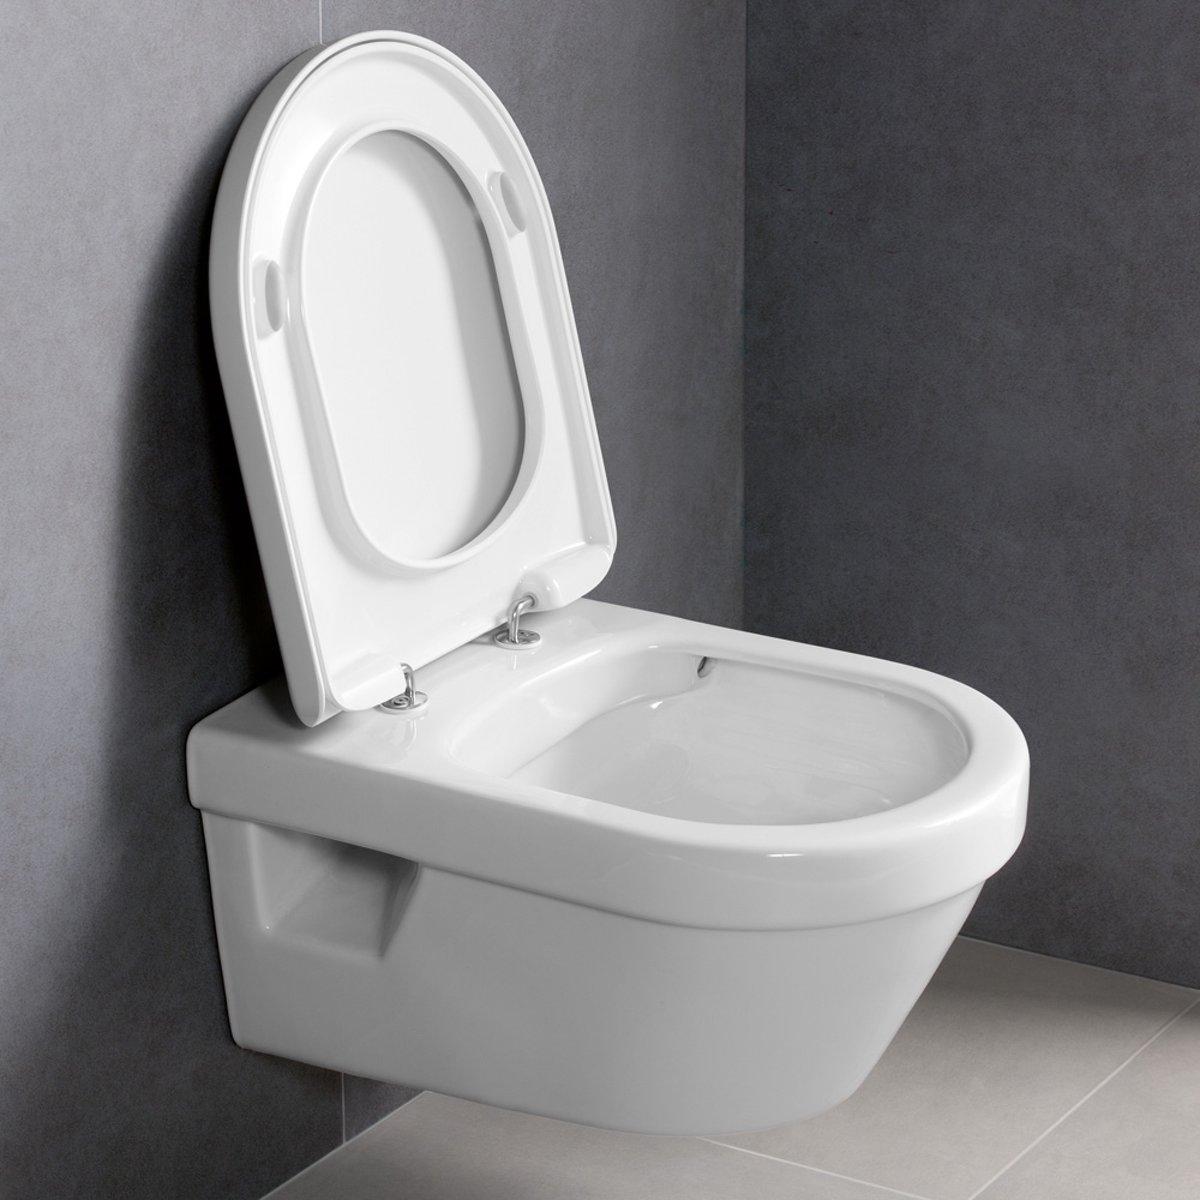 Toilet Villeroy En Boch.Bol Com Villeroy Boch Omnia Architectura Wandcloset Exclusief